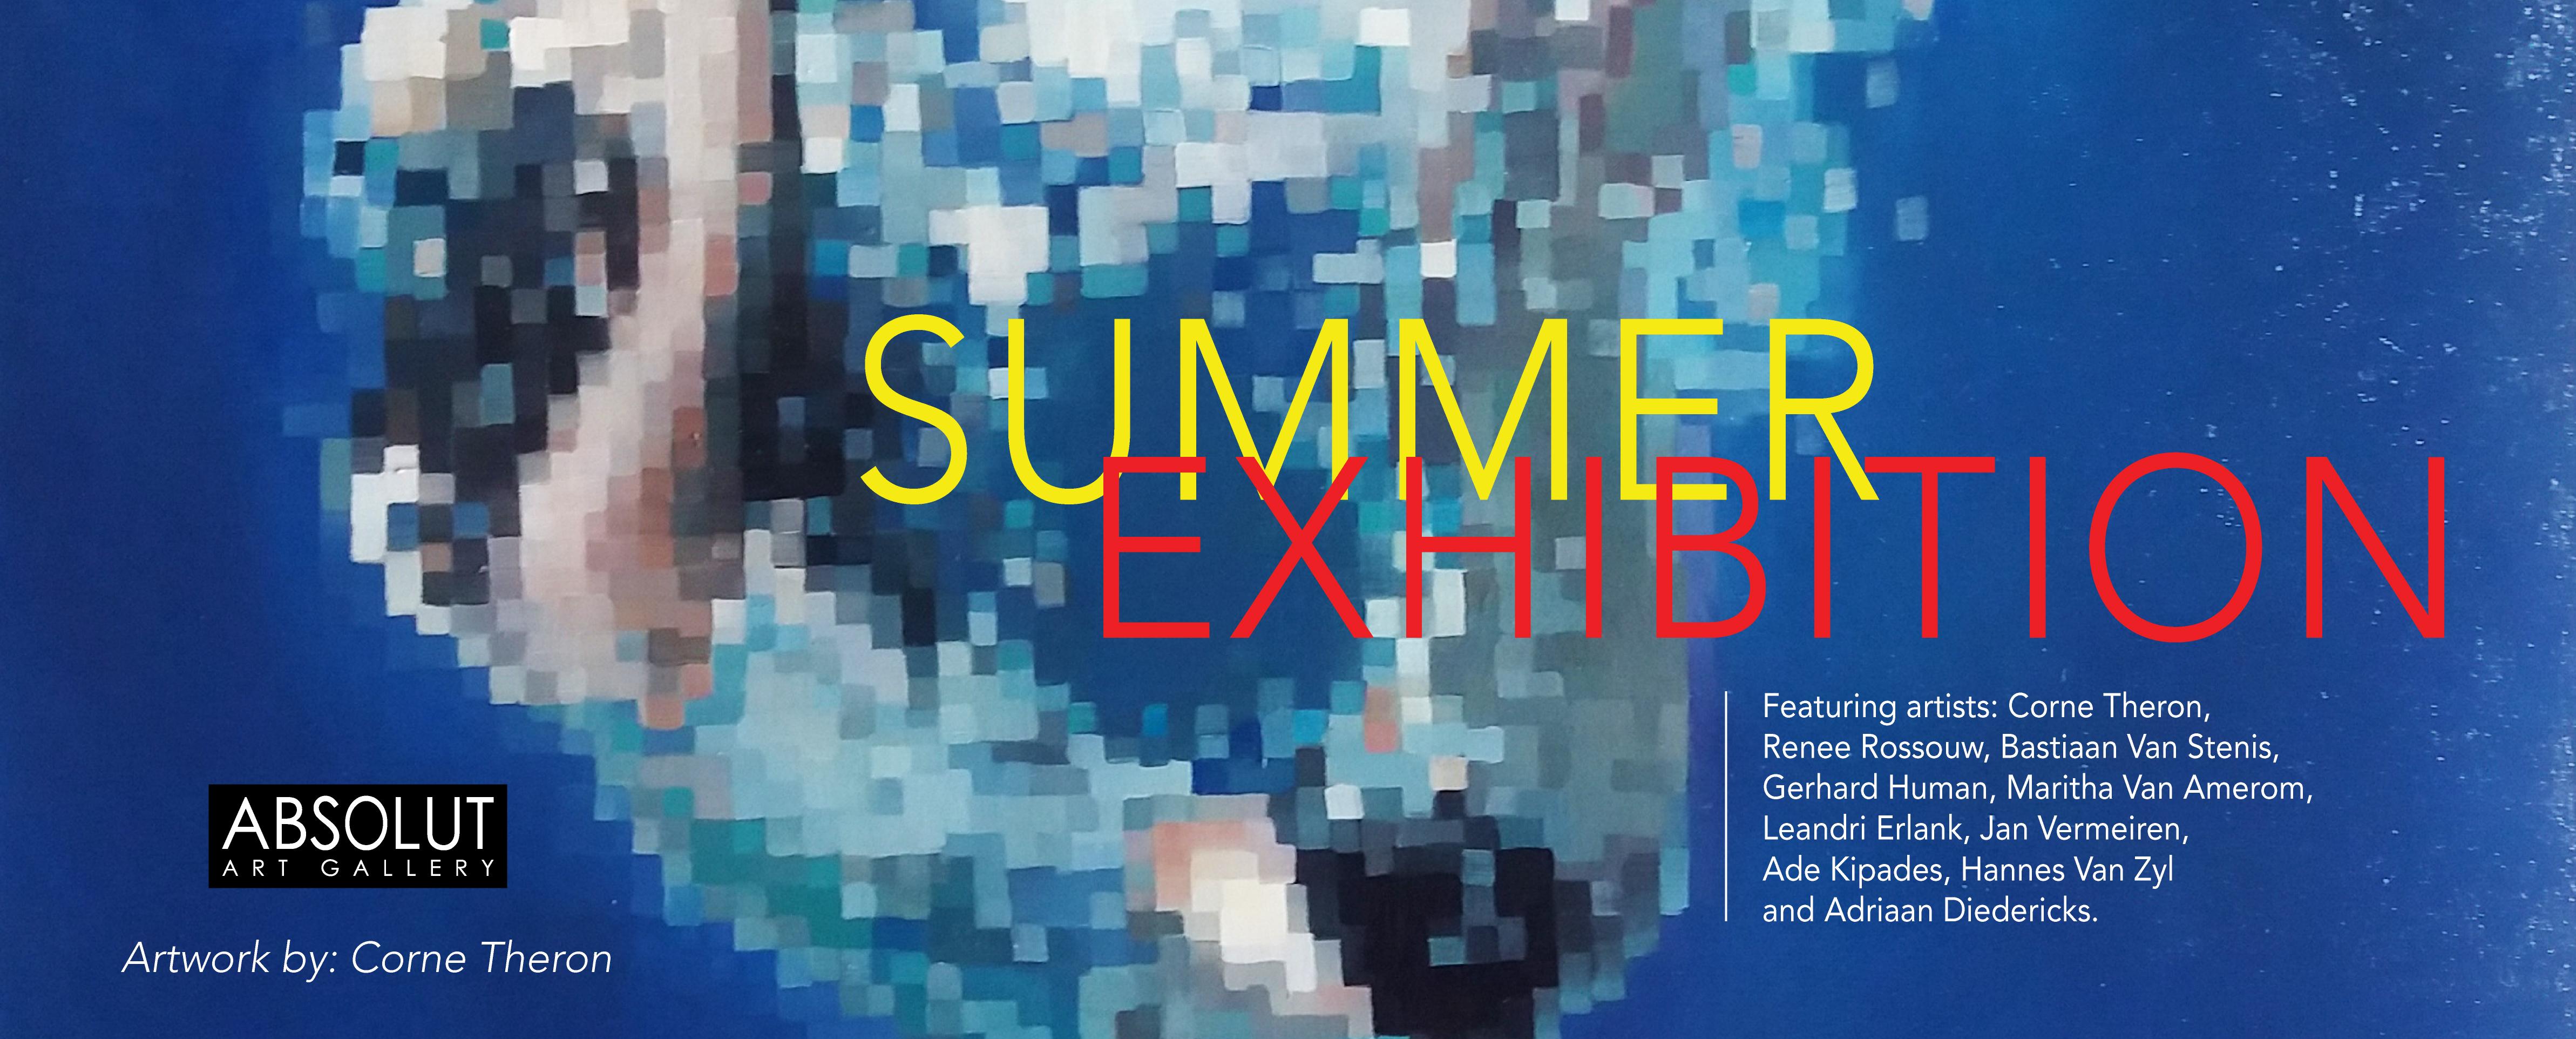 Summer-exhibition-site-banner